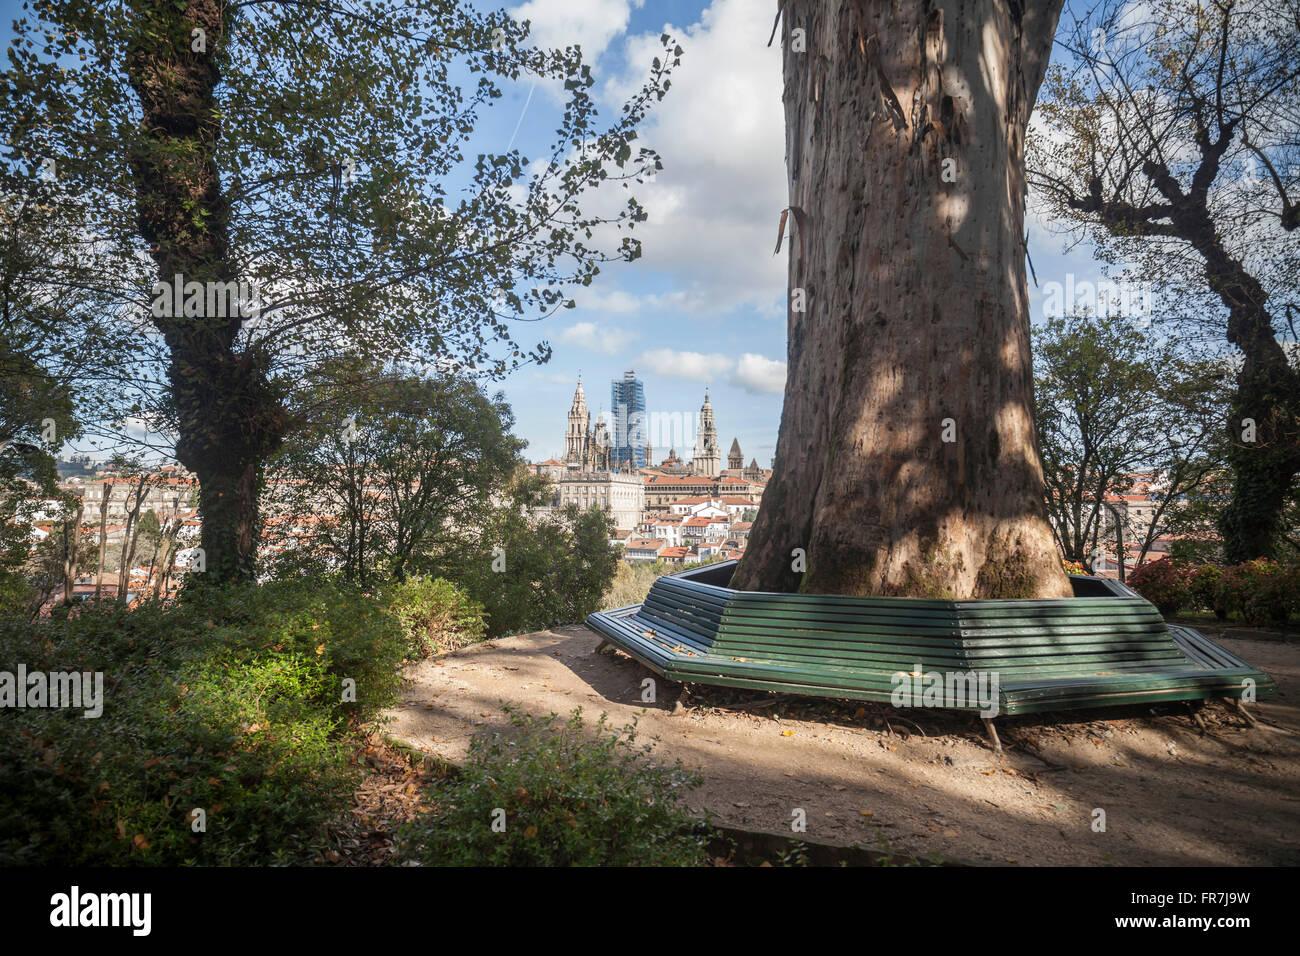 Parque de la Alameda. Santiago de Compostela. - Stock Image